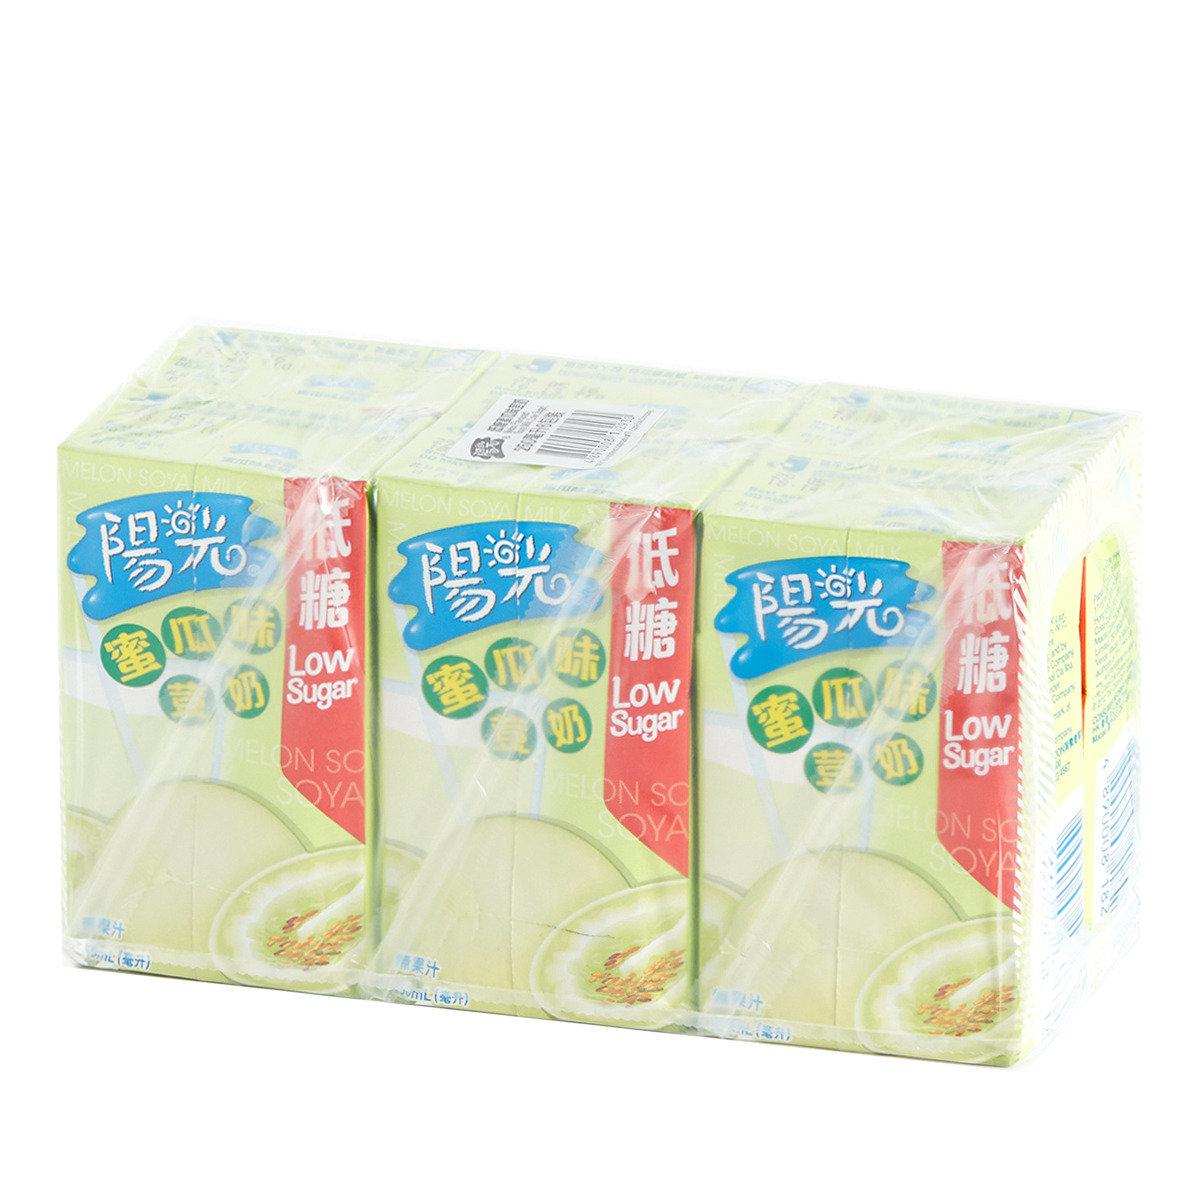 低糖蜜瓜味荳奶紙包裝